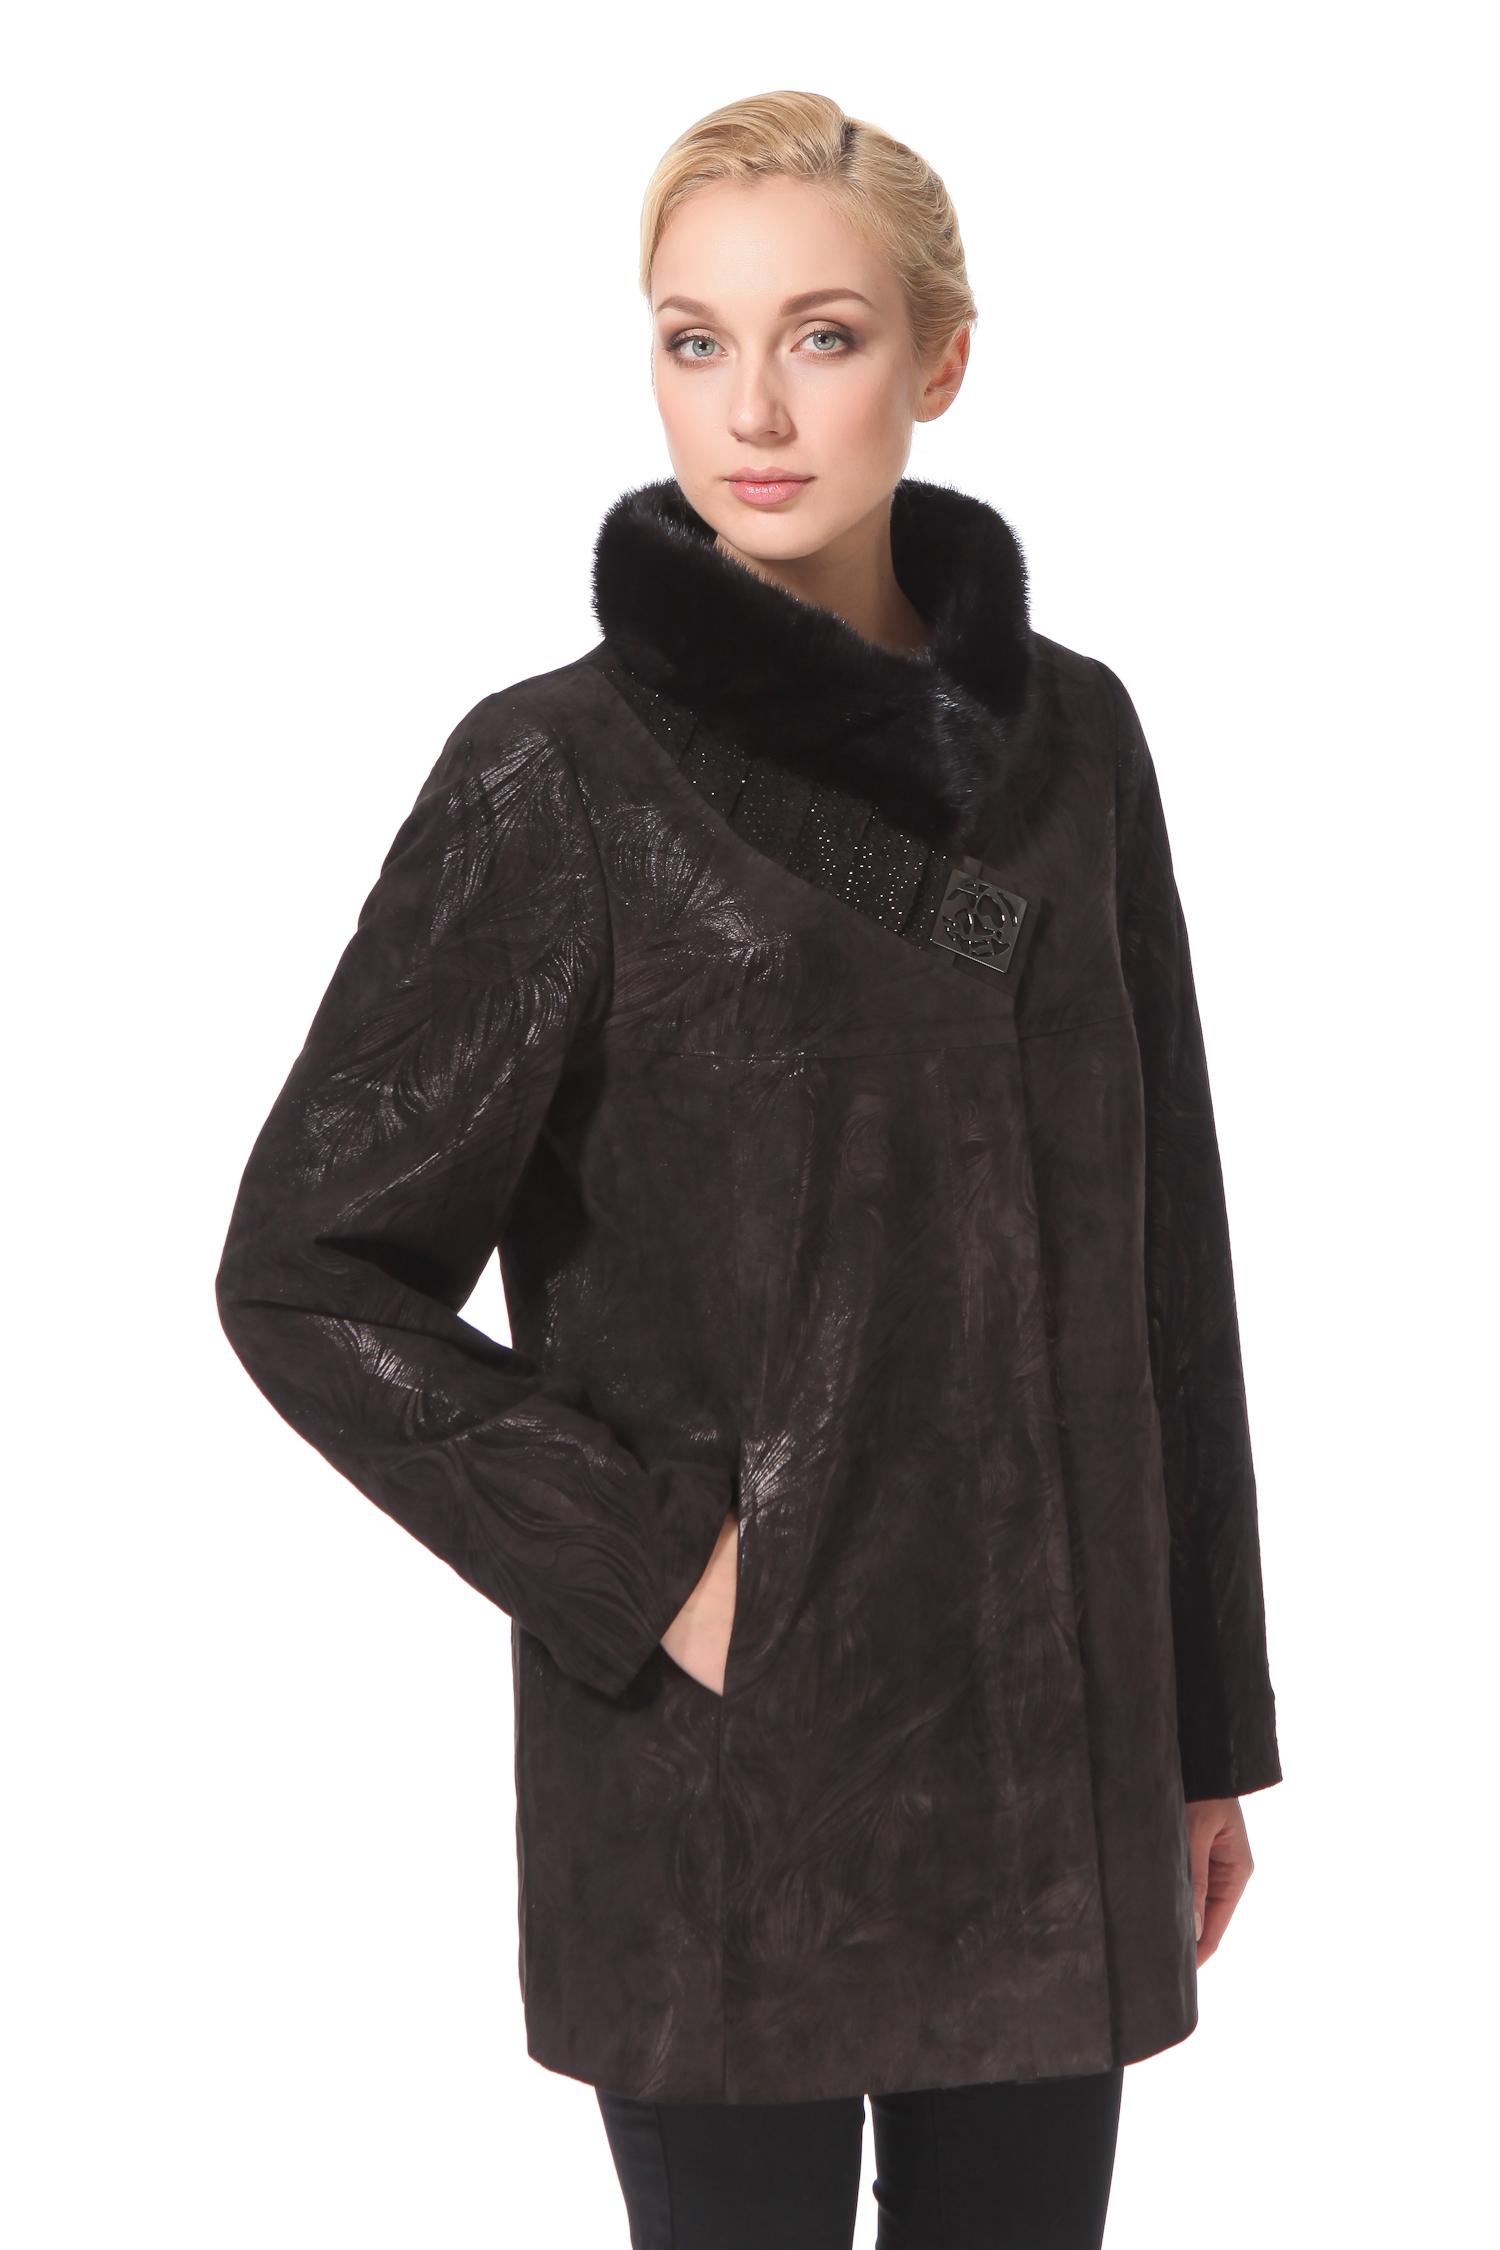 Женское кожаное пальто из натуральной замши с воротником, отделка норка<br><br>Воротник: стойка<br>Длина см: Средняя (75-89 )<br>Материал: Замша<br>Цвет: коричневый<br>Застежка: на молнии<br>Пол: Женский<br>Размер RU: 48